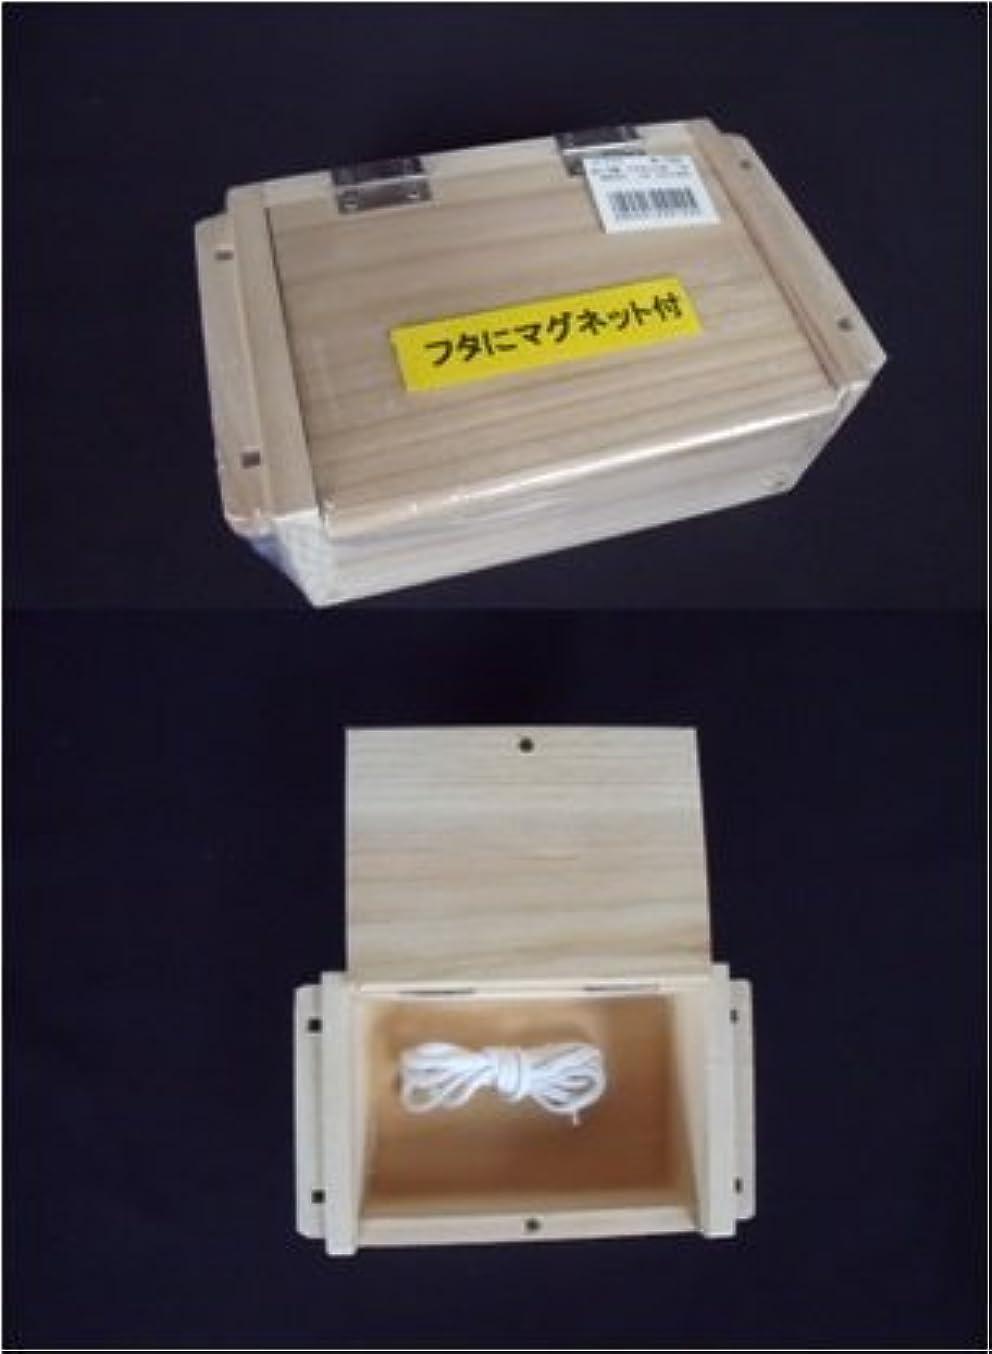 プラットフォーム基礎理論カカドゥA.NET KOTOBUKIYA(ア?ネットコトブキヤ) 木エサ箱 マグネット付 137×95×59mm 中 W-122